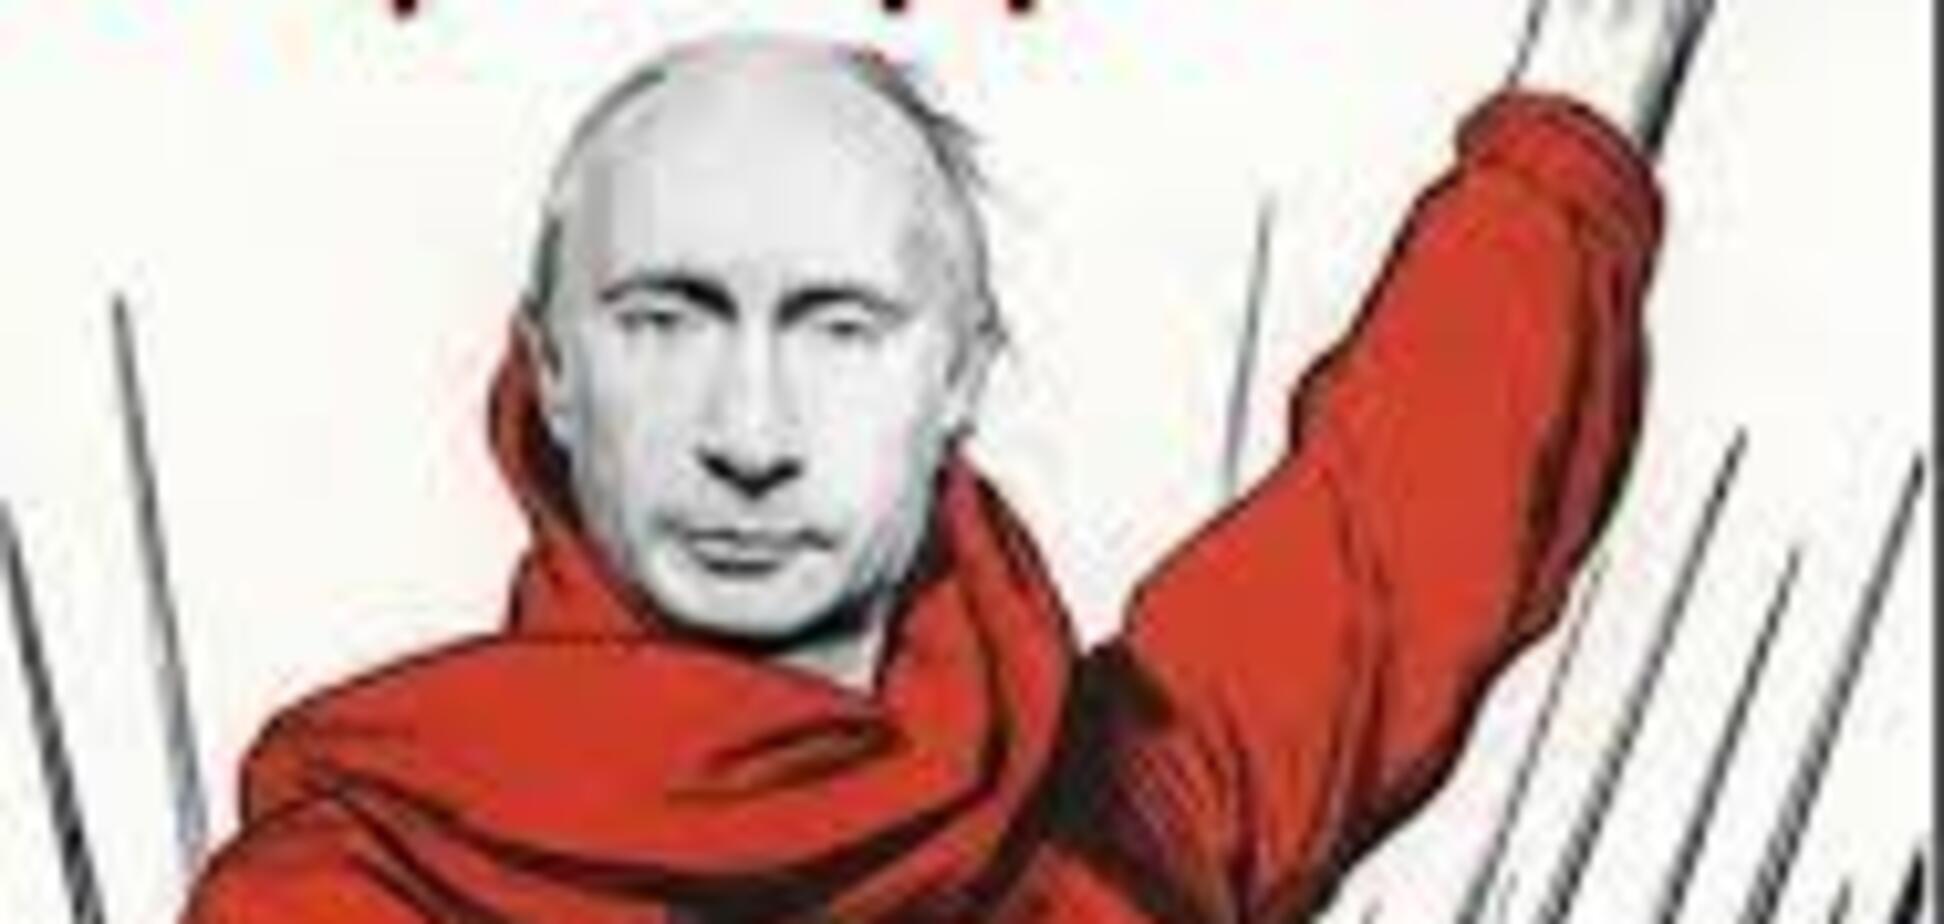 23 лютого: як росіяни знущаються над Днем захисника вітчизни